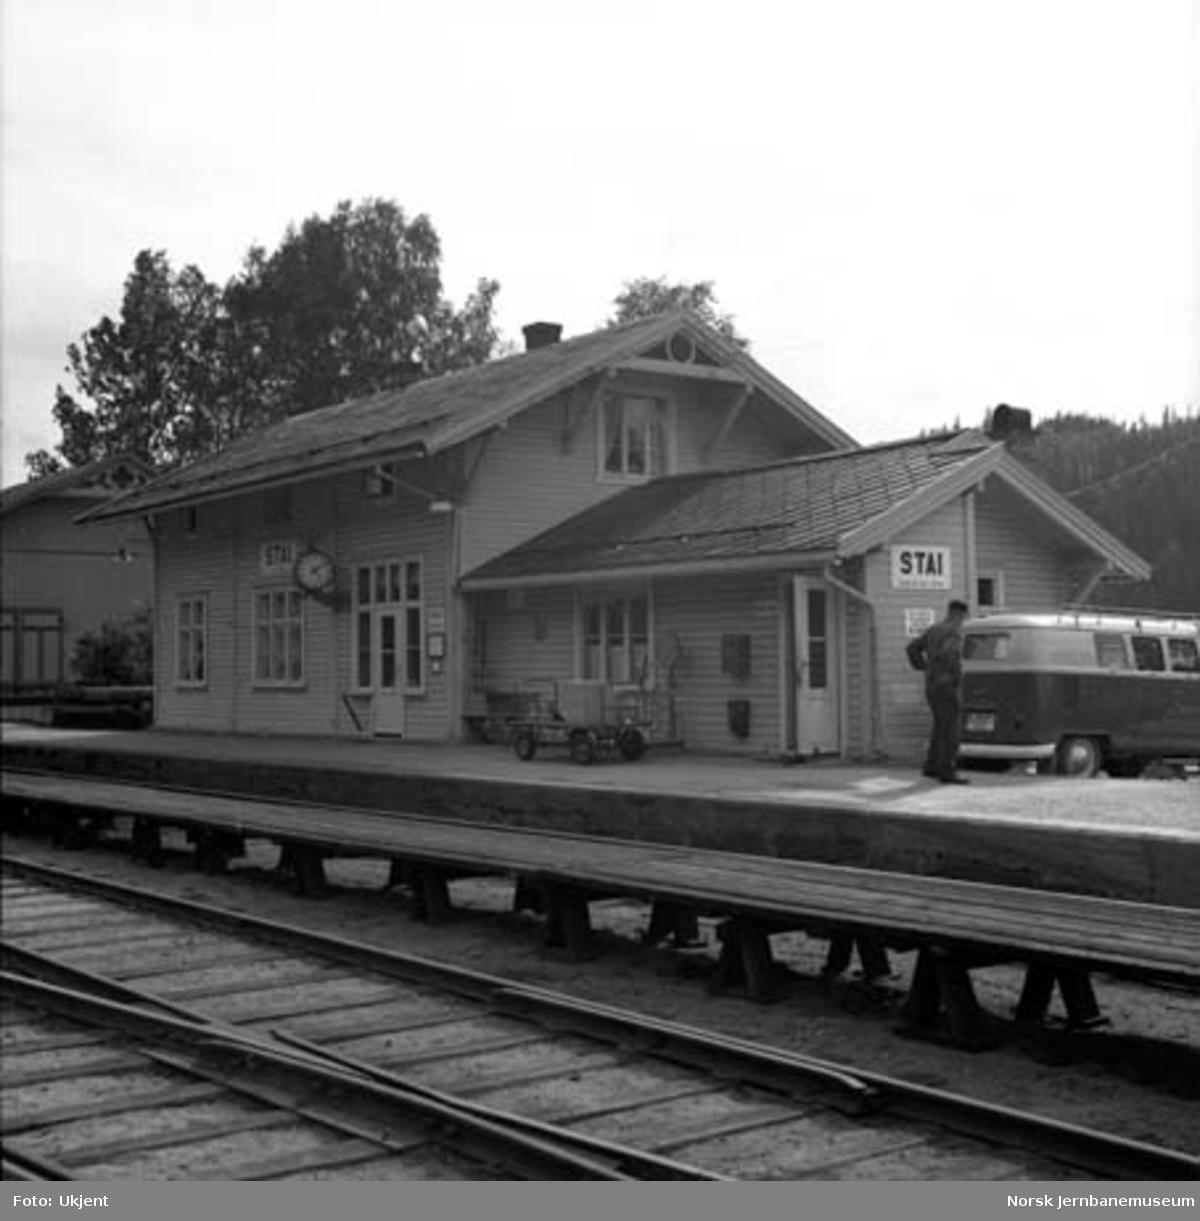 Stai stasjon